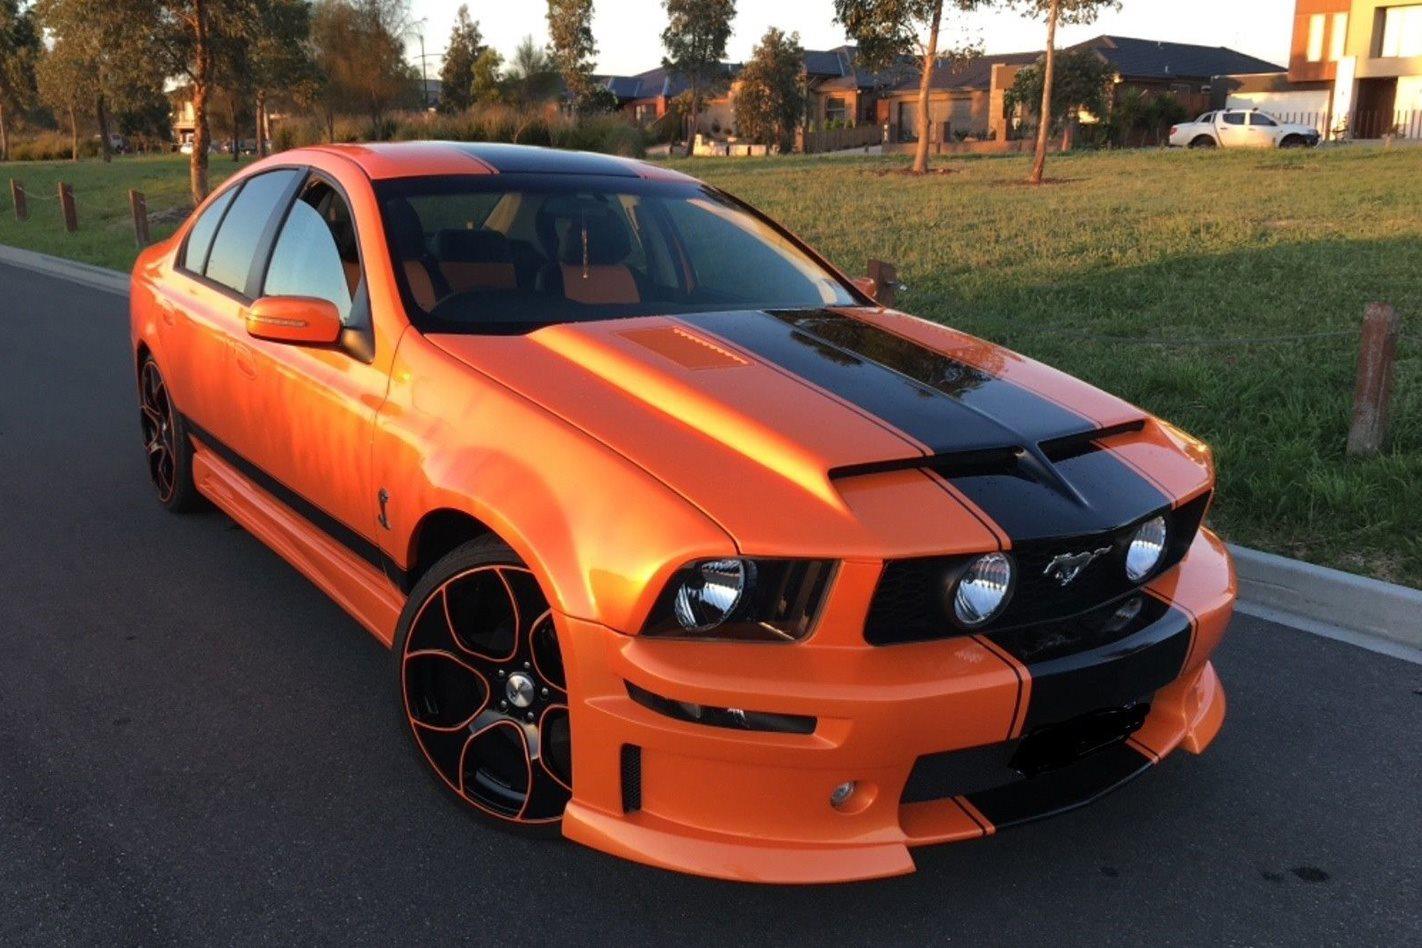 Do Mustangs Have 4 Doors